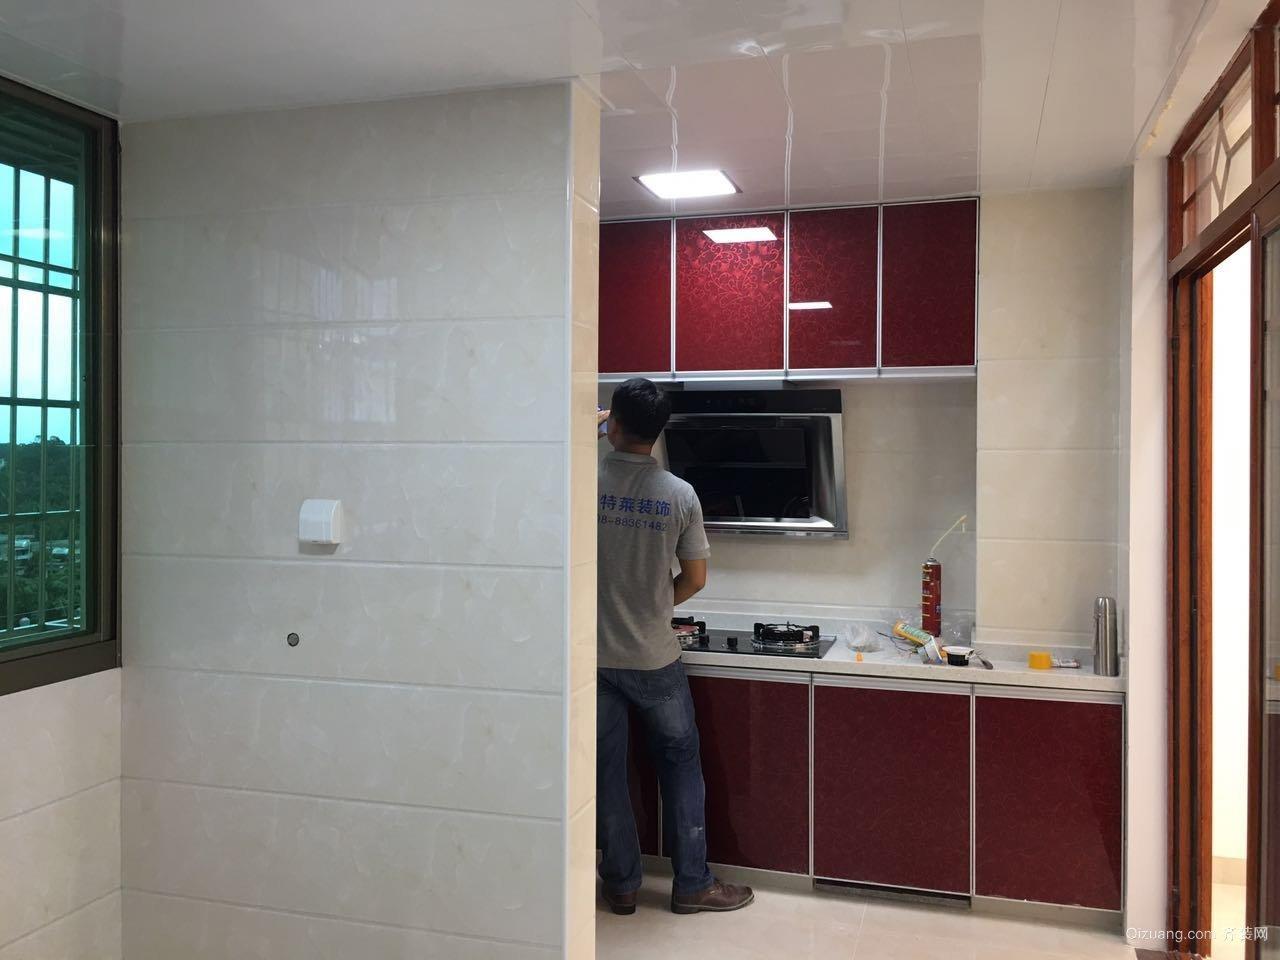 海棠湾南田基建队安置房现代简约装修效果图实景图